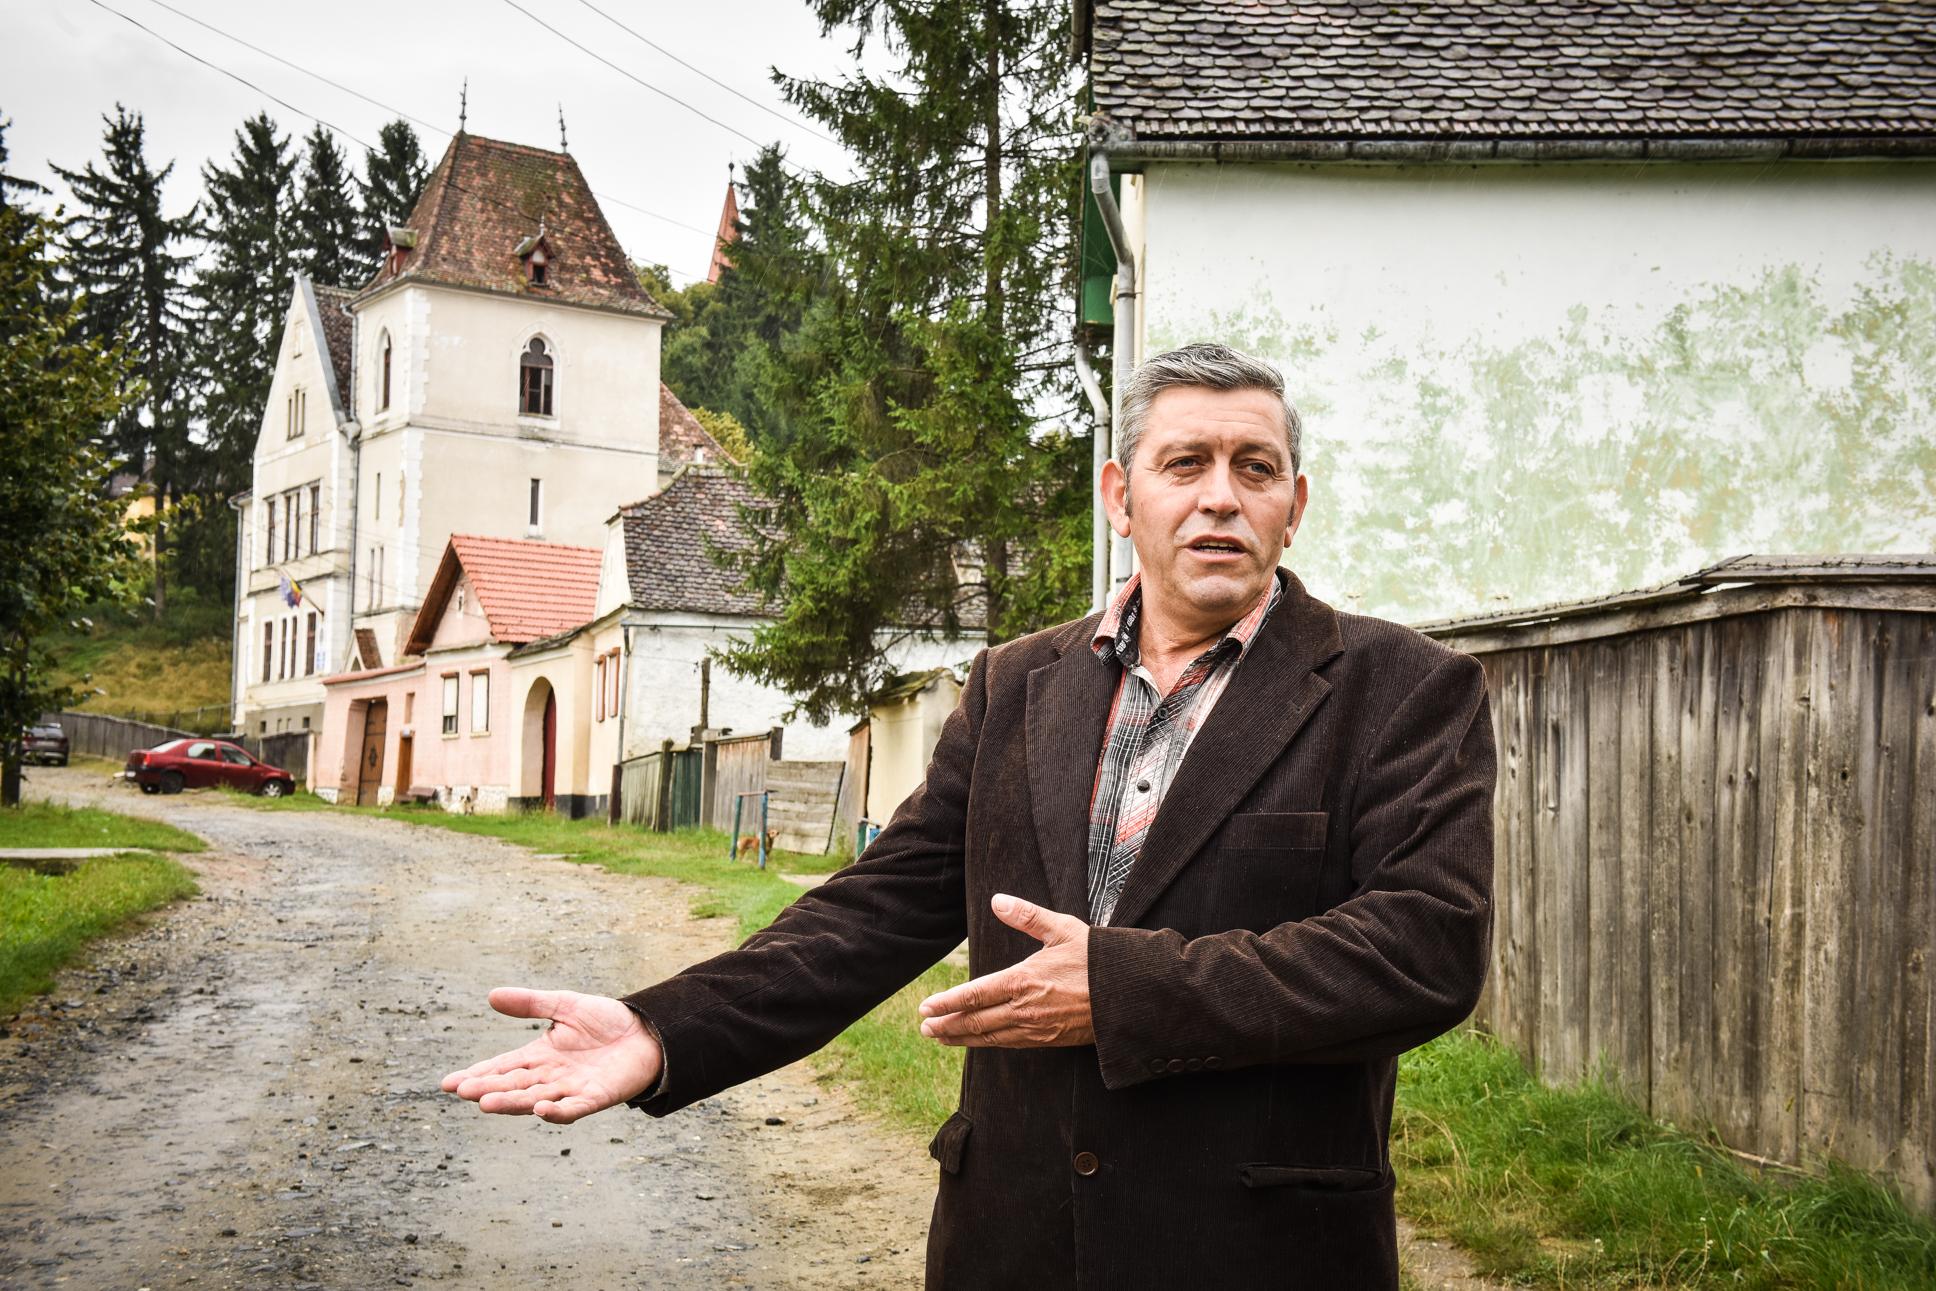 Singurul primar ecologist din Sibiu care a trecut Dunărea înot și a fost 10 ani șofer de TIR prin toată Europa: eu spun omului adevărul și cu el mă duc înainte